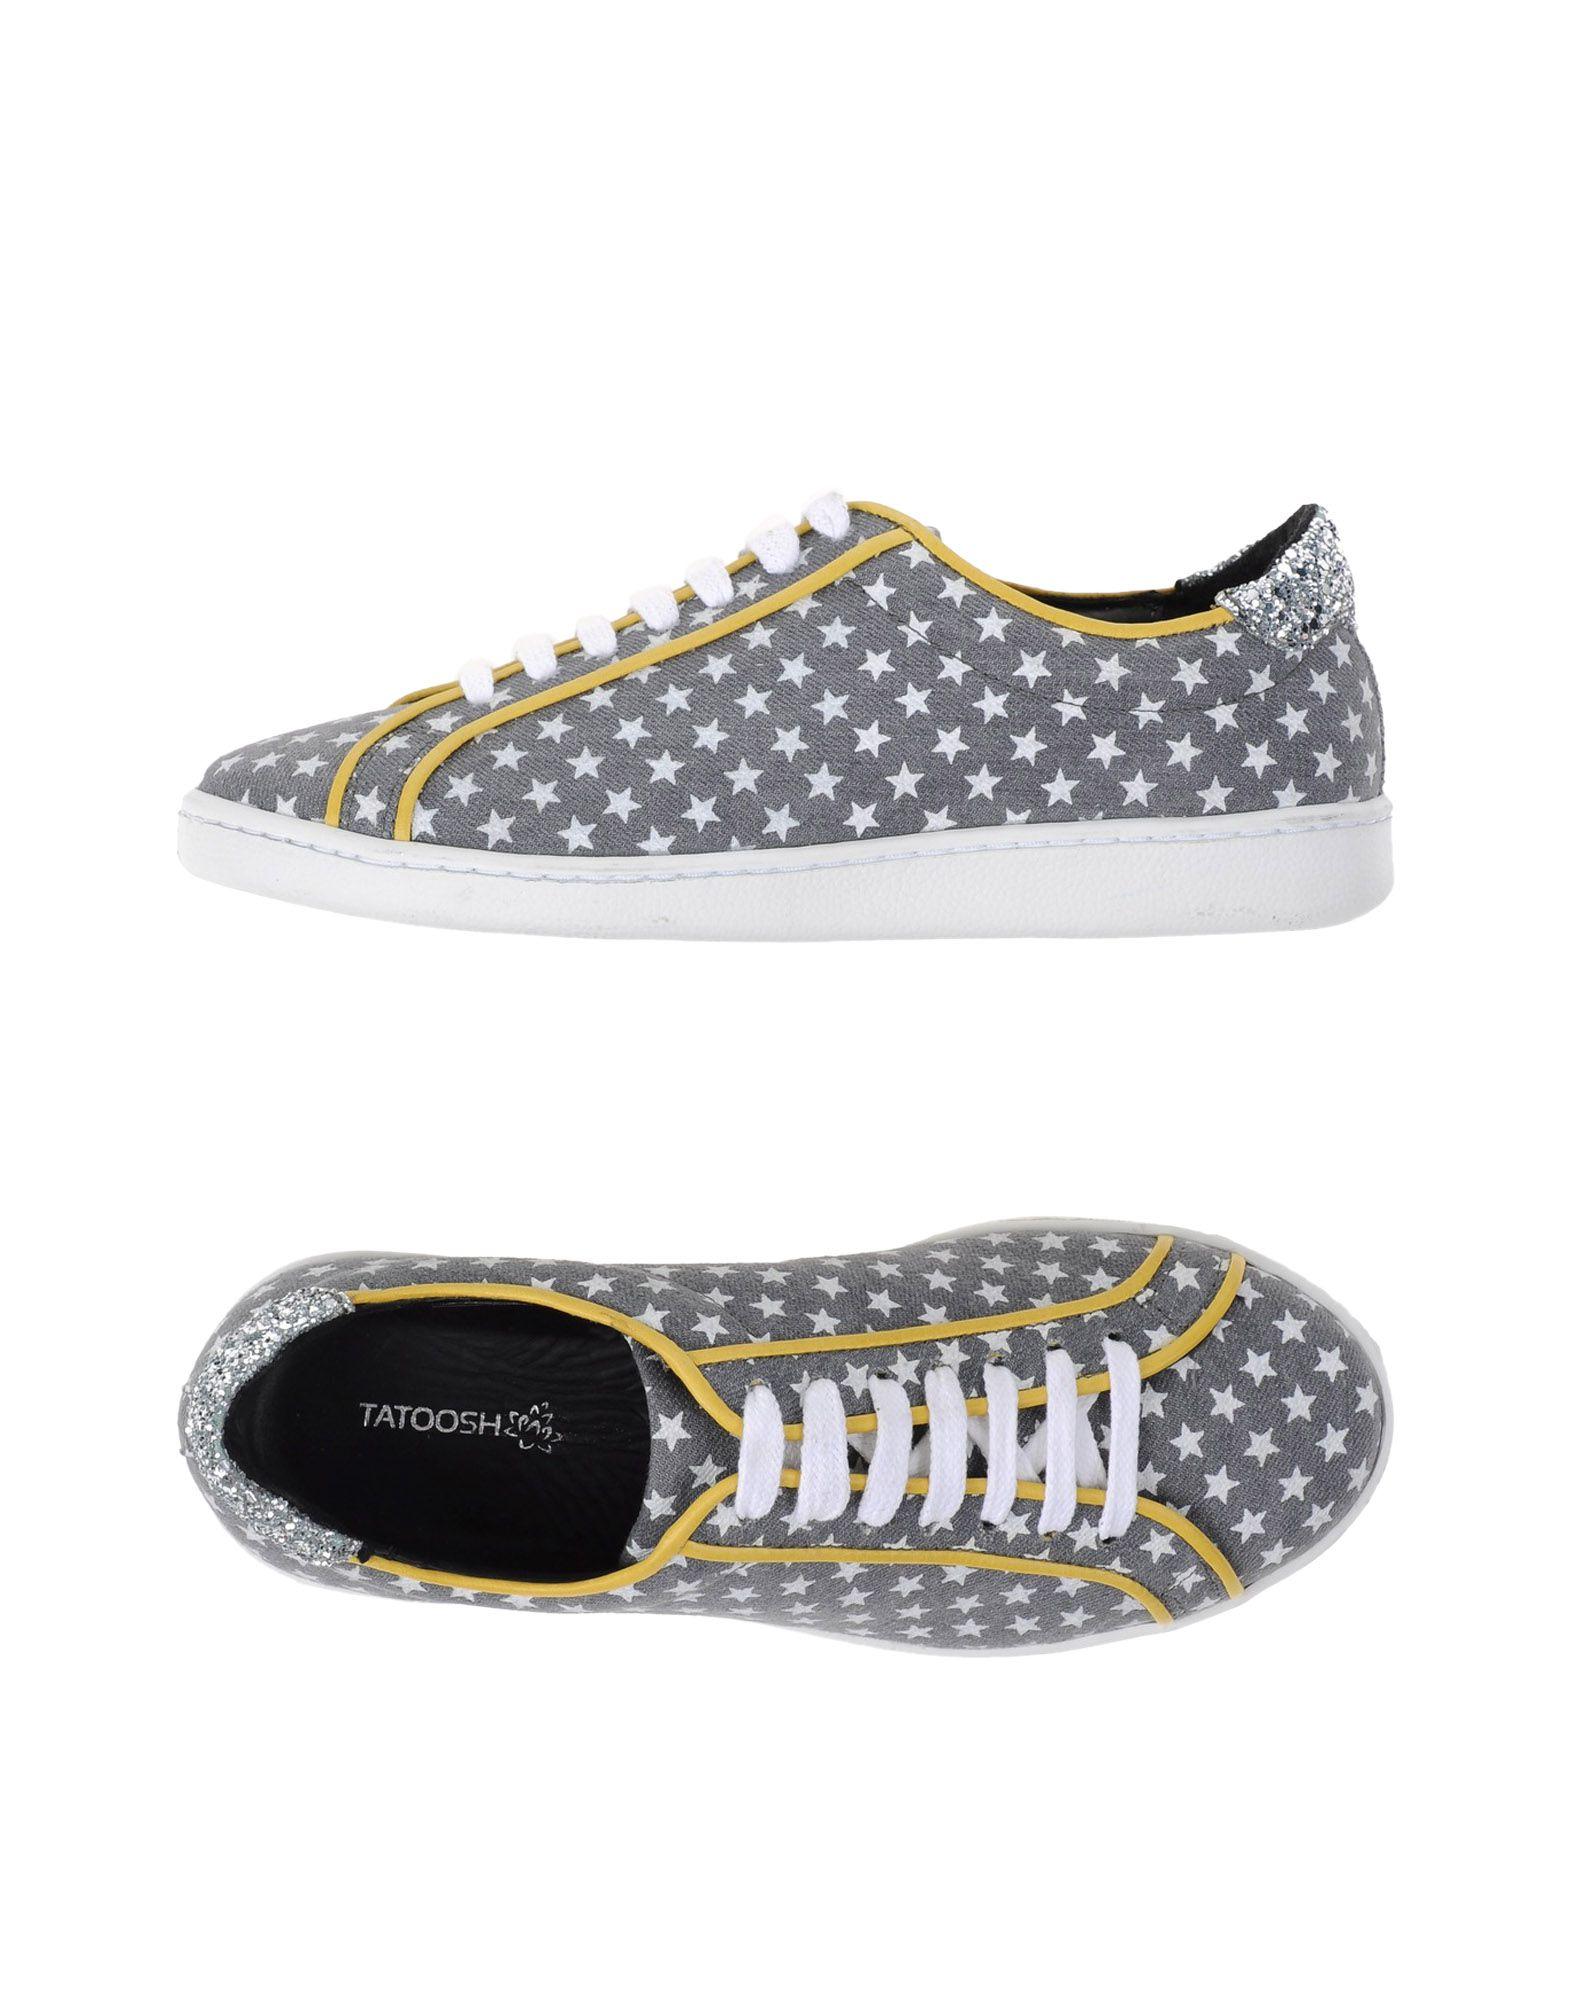 TATOOSH Sneakers in Grey